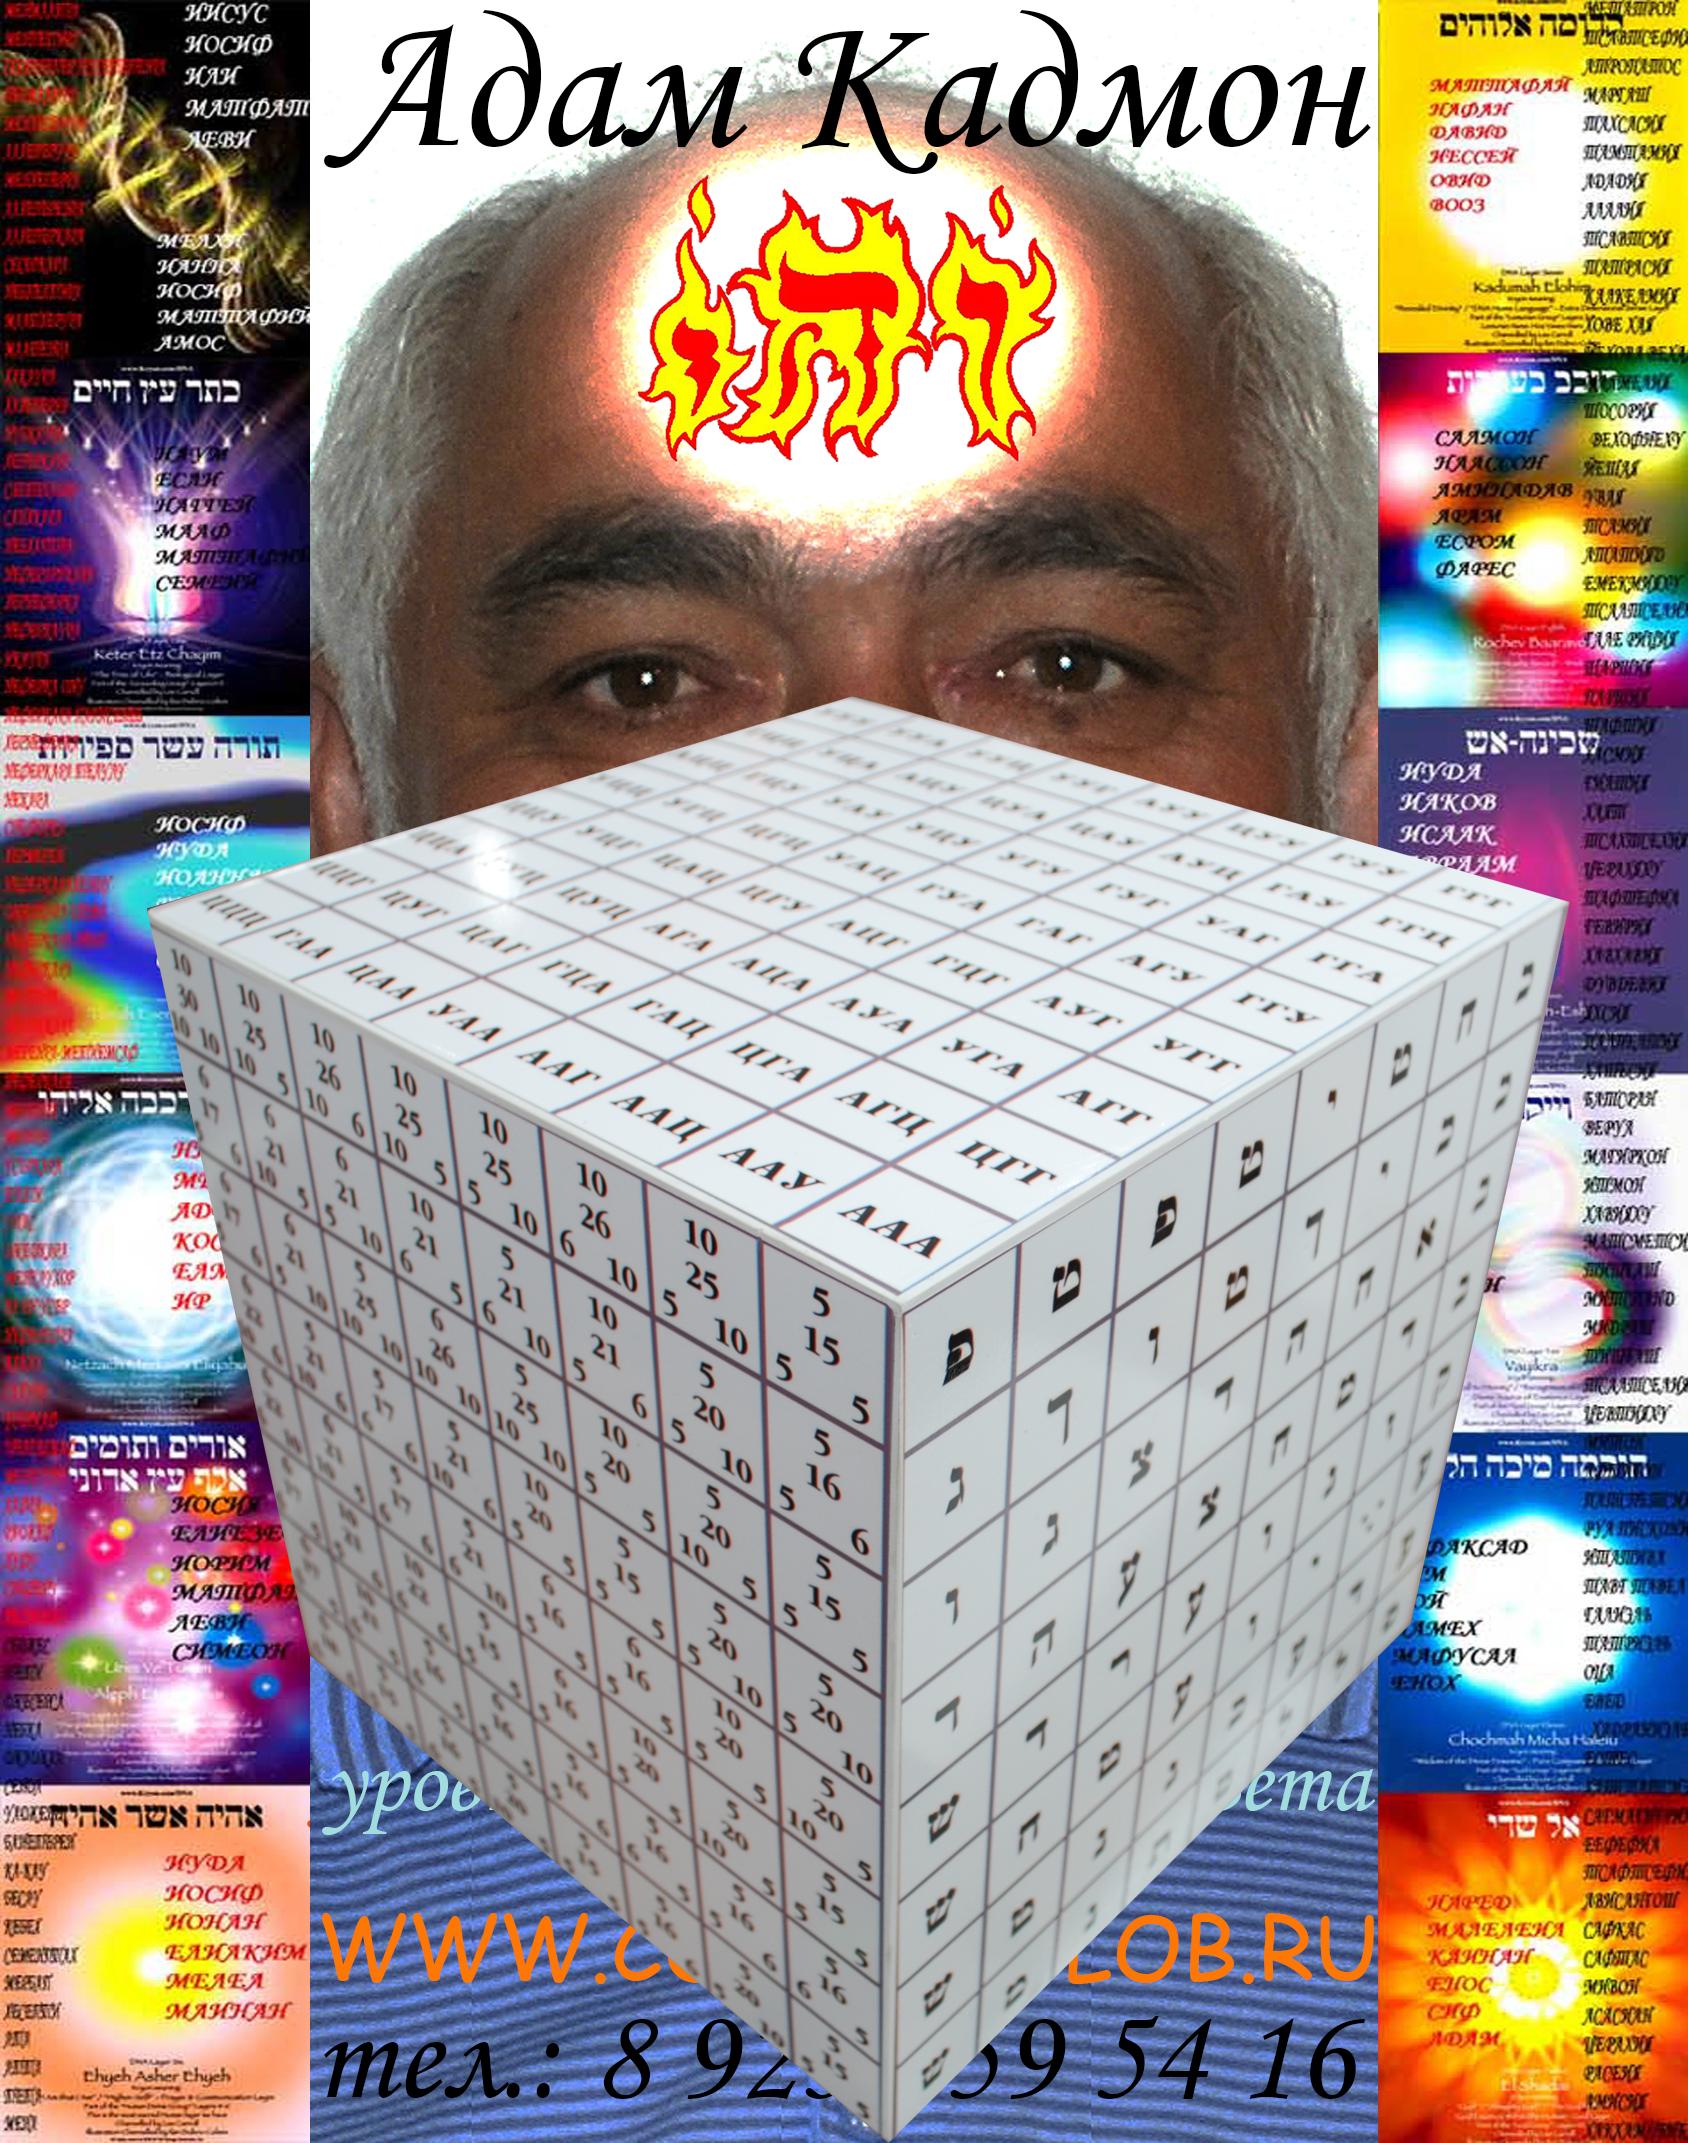 аватара со знаком супермэна